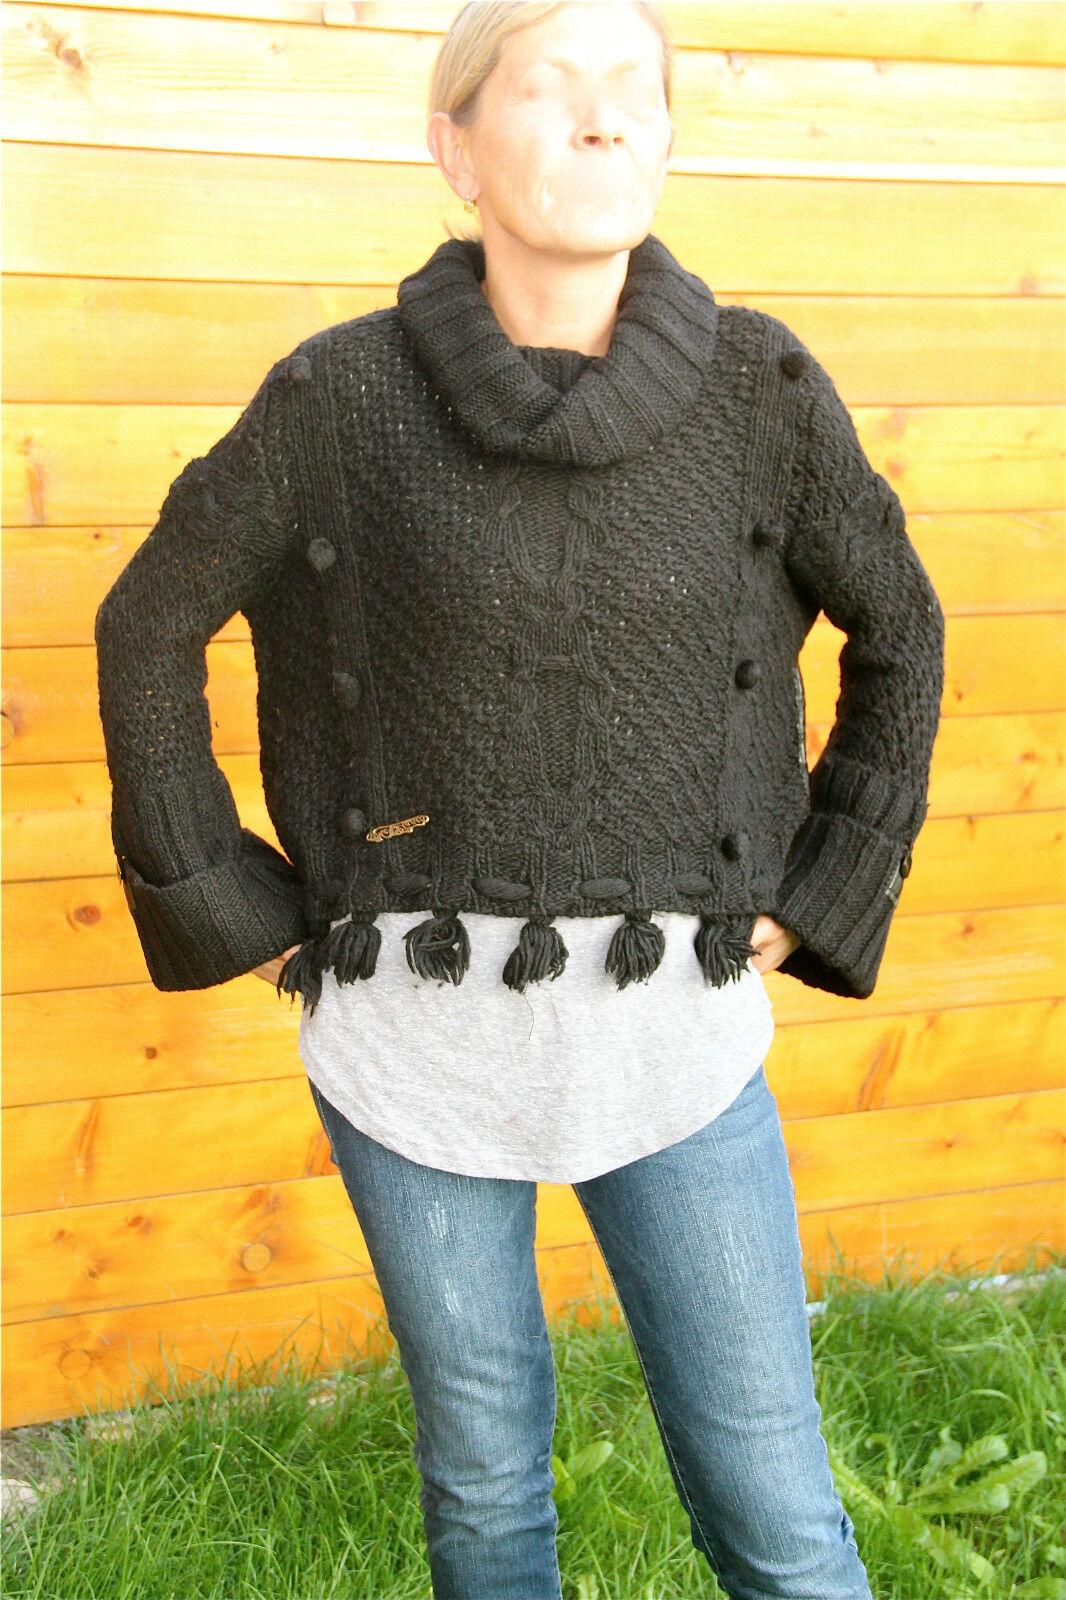 Gros pull court boléro laine black hiver MC PLANET T 36 neuf étiquette Val